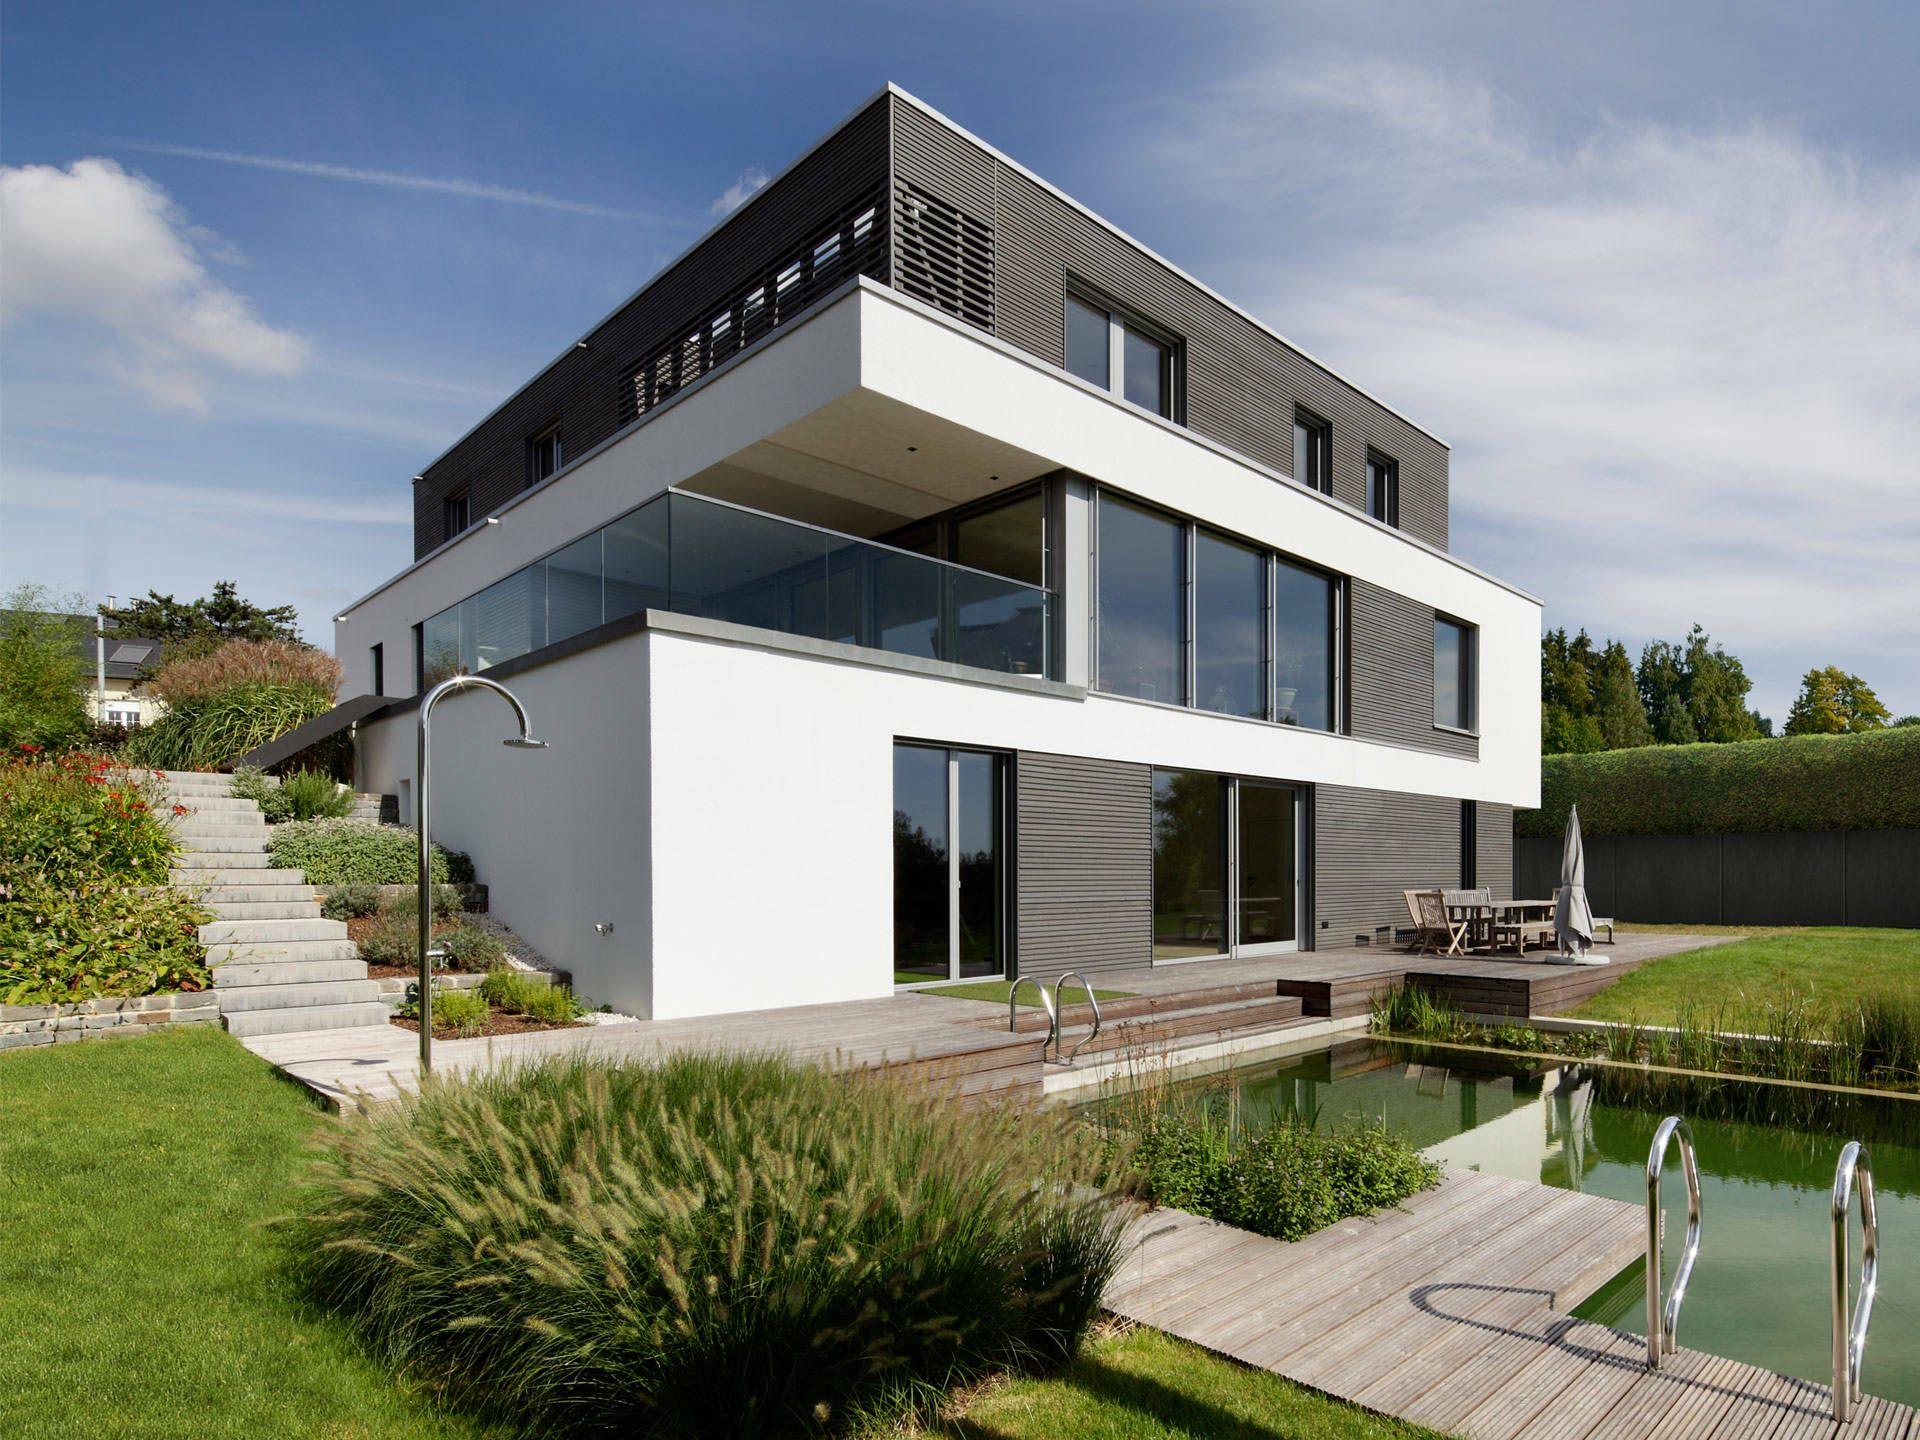 Passivhaus kieffer passivhaus haus minimalistisches for Minimalistisches haus grundriss